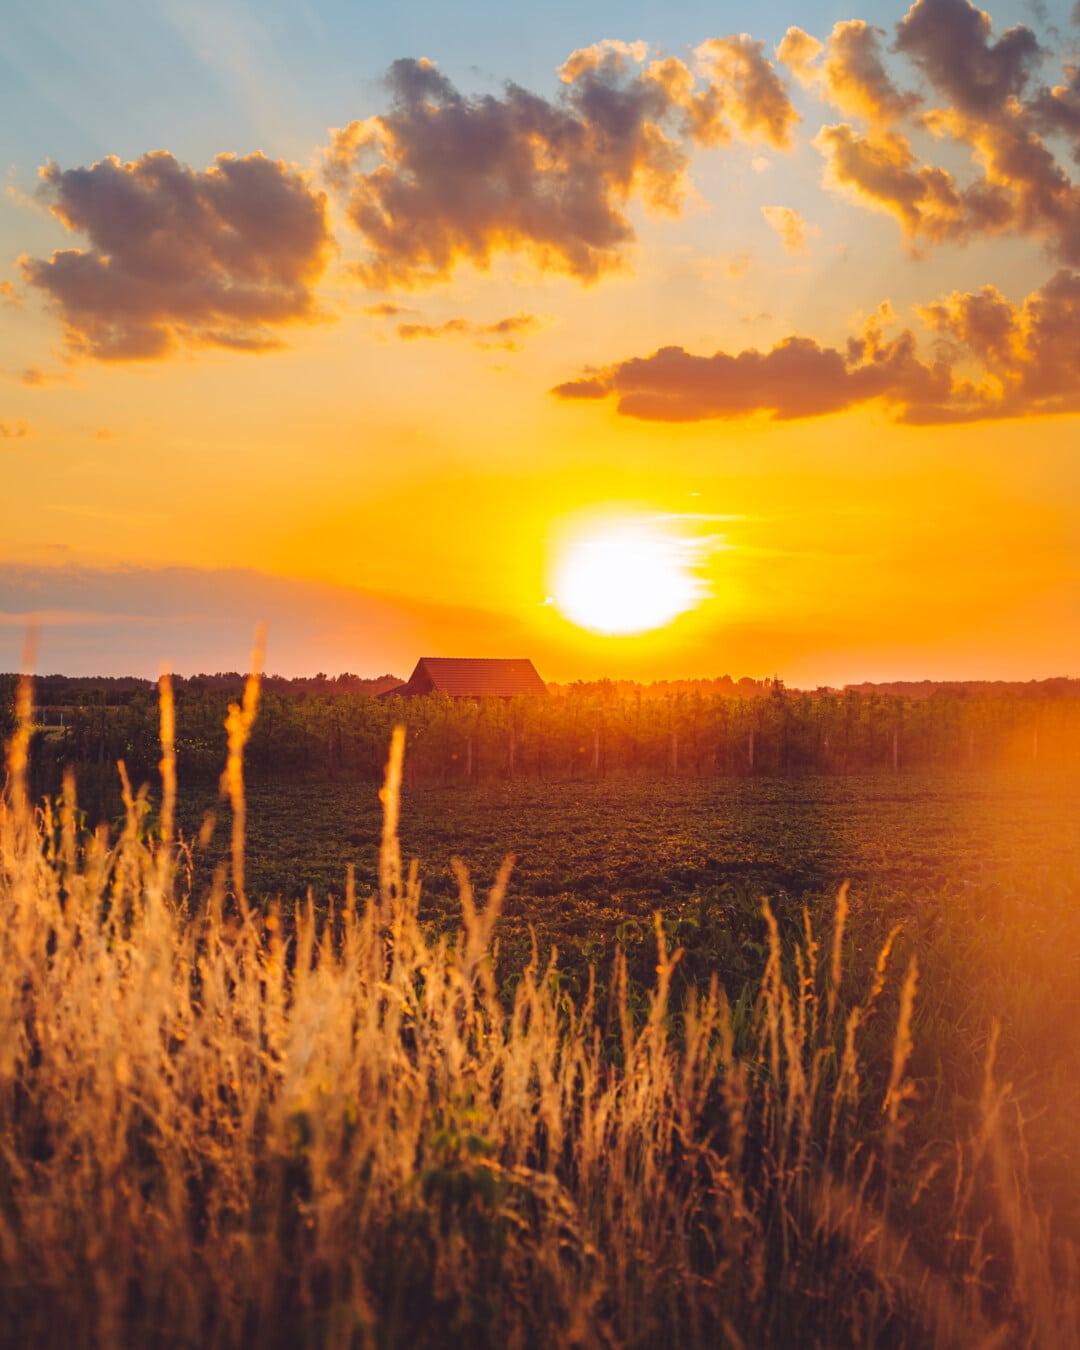 sunčano, sunčeva svjetlost, zalazak sunca, sunčano, voćnjak, poljoprivredno zemljište, poljoprivreda, polje, zora, izlazak sunca